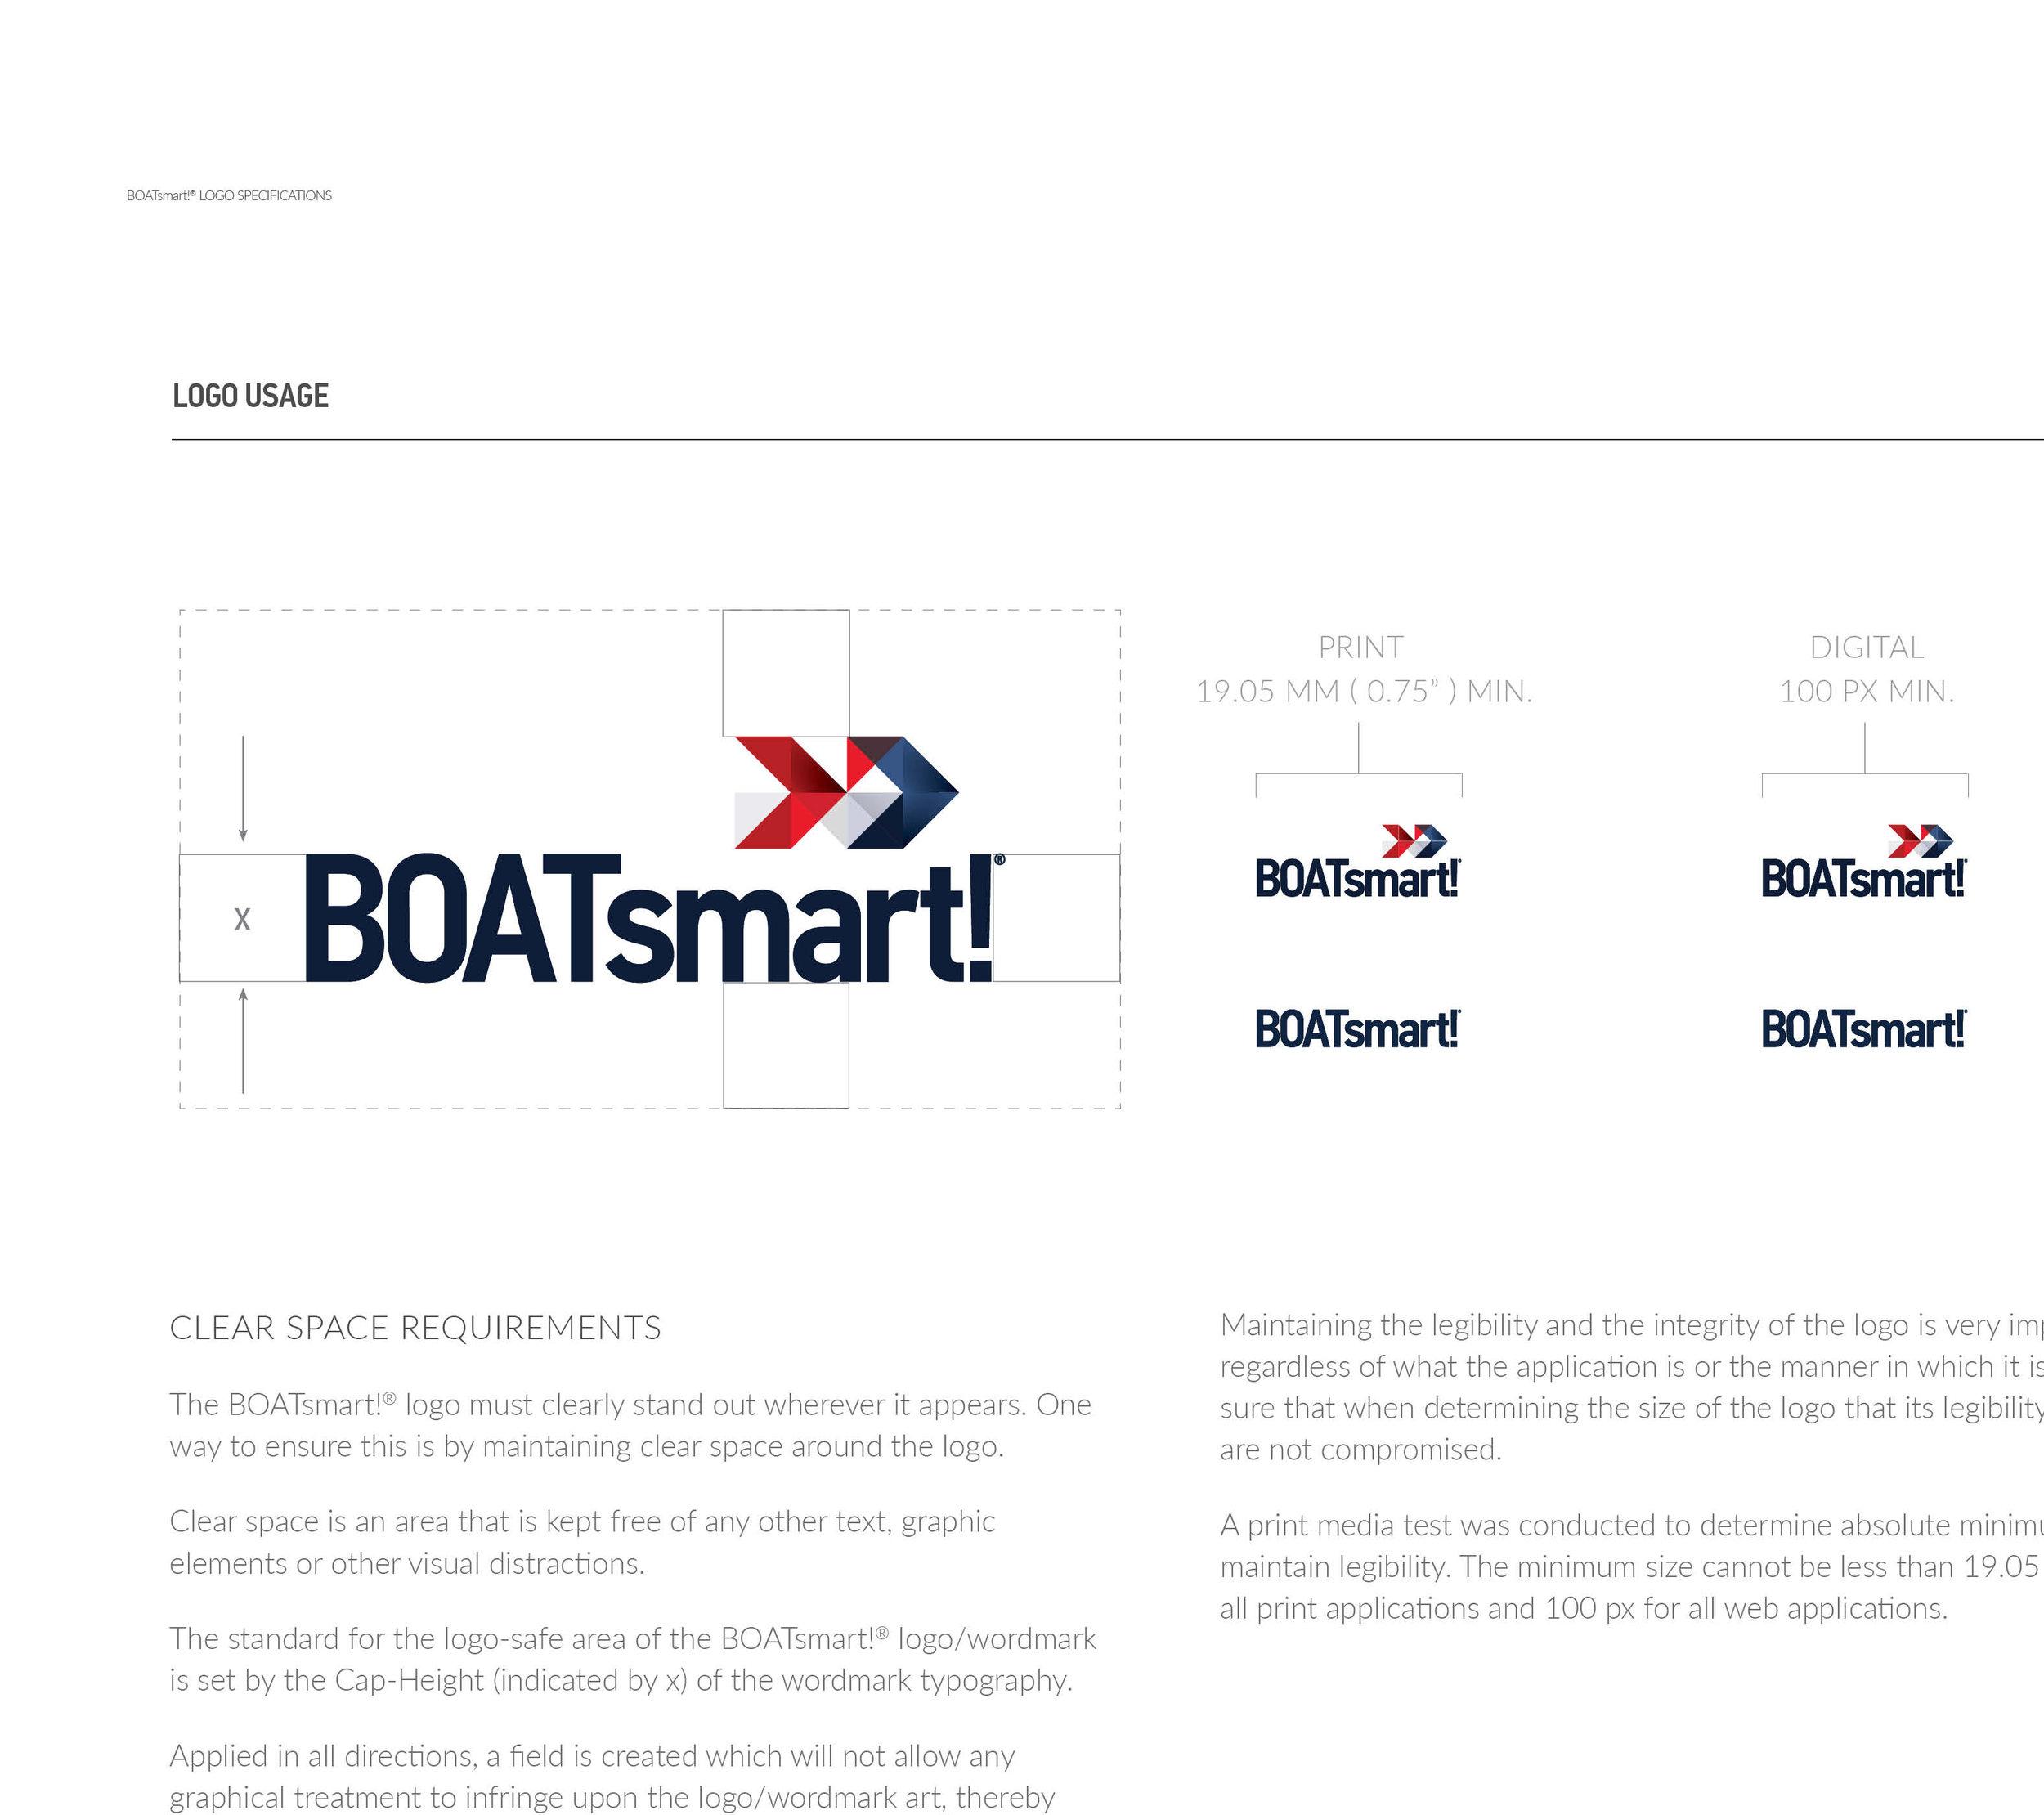 Boatsmart_3.jpg